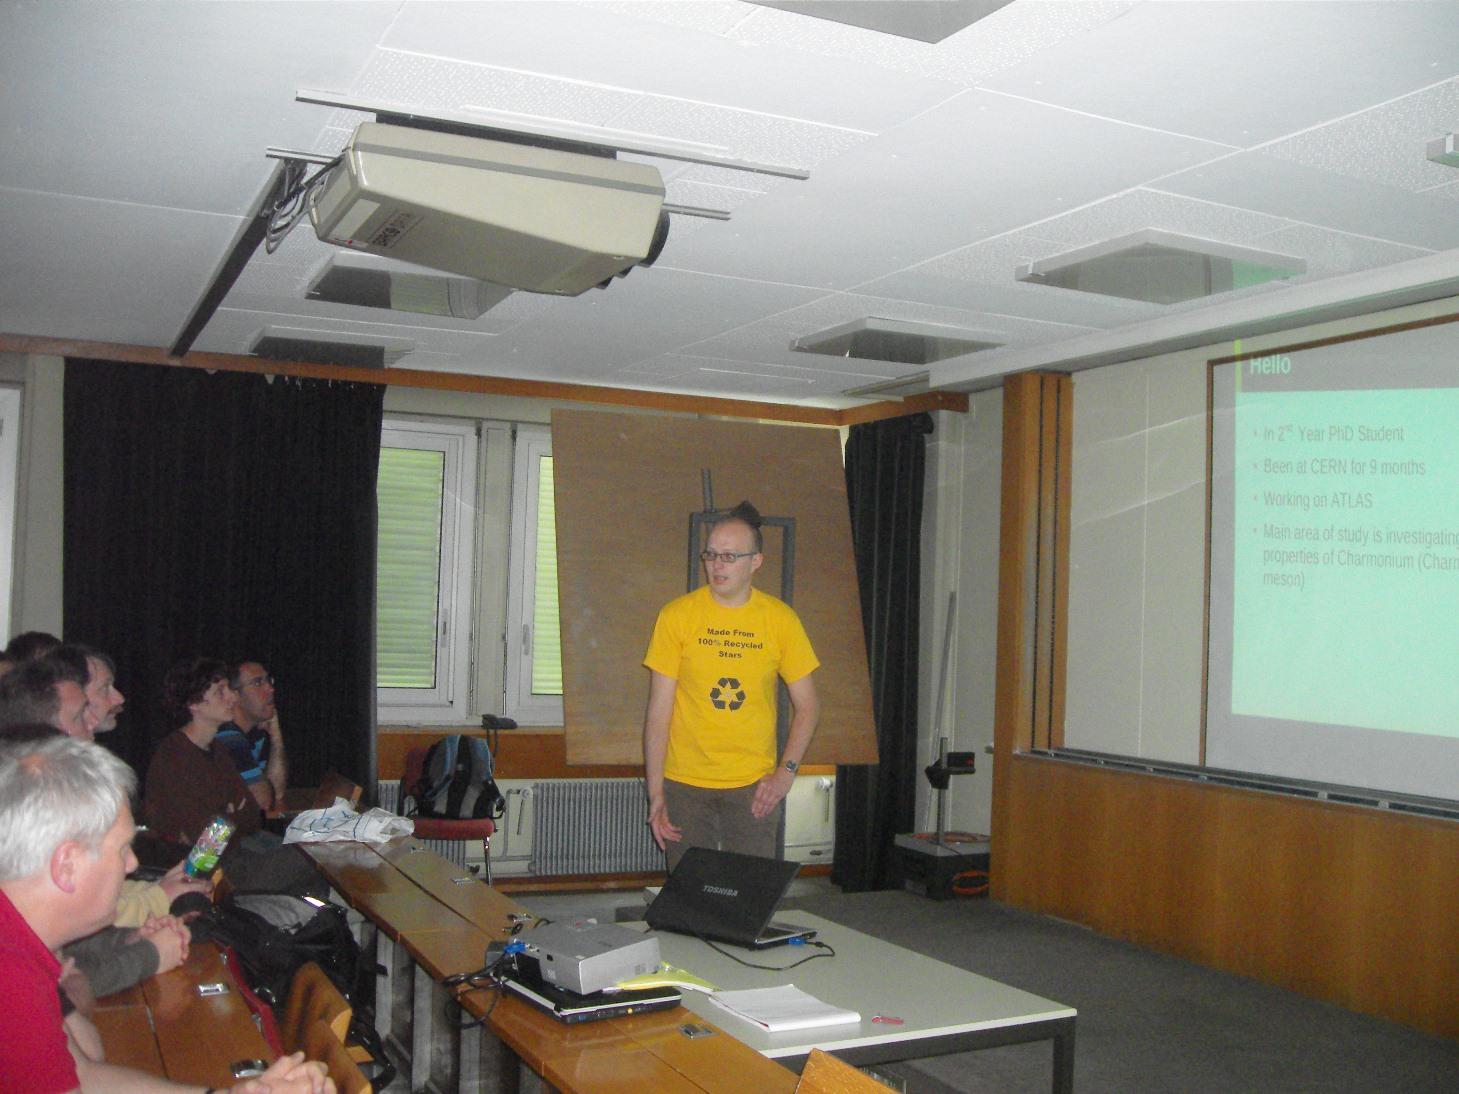 Lee's Presentation